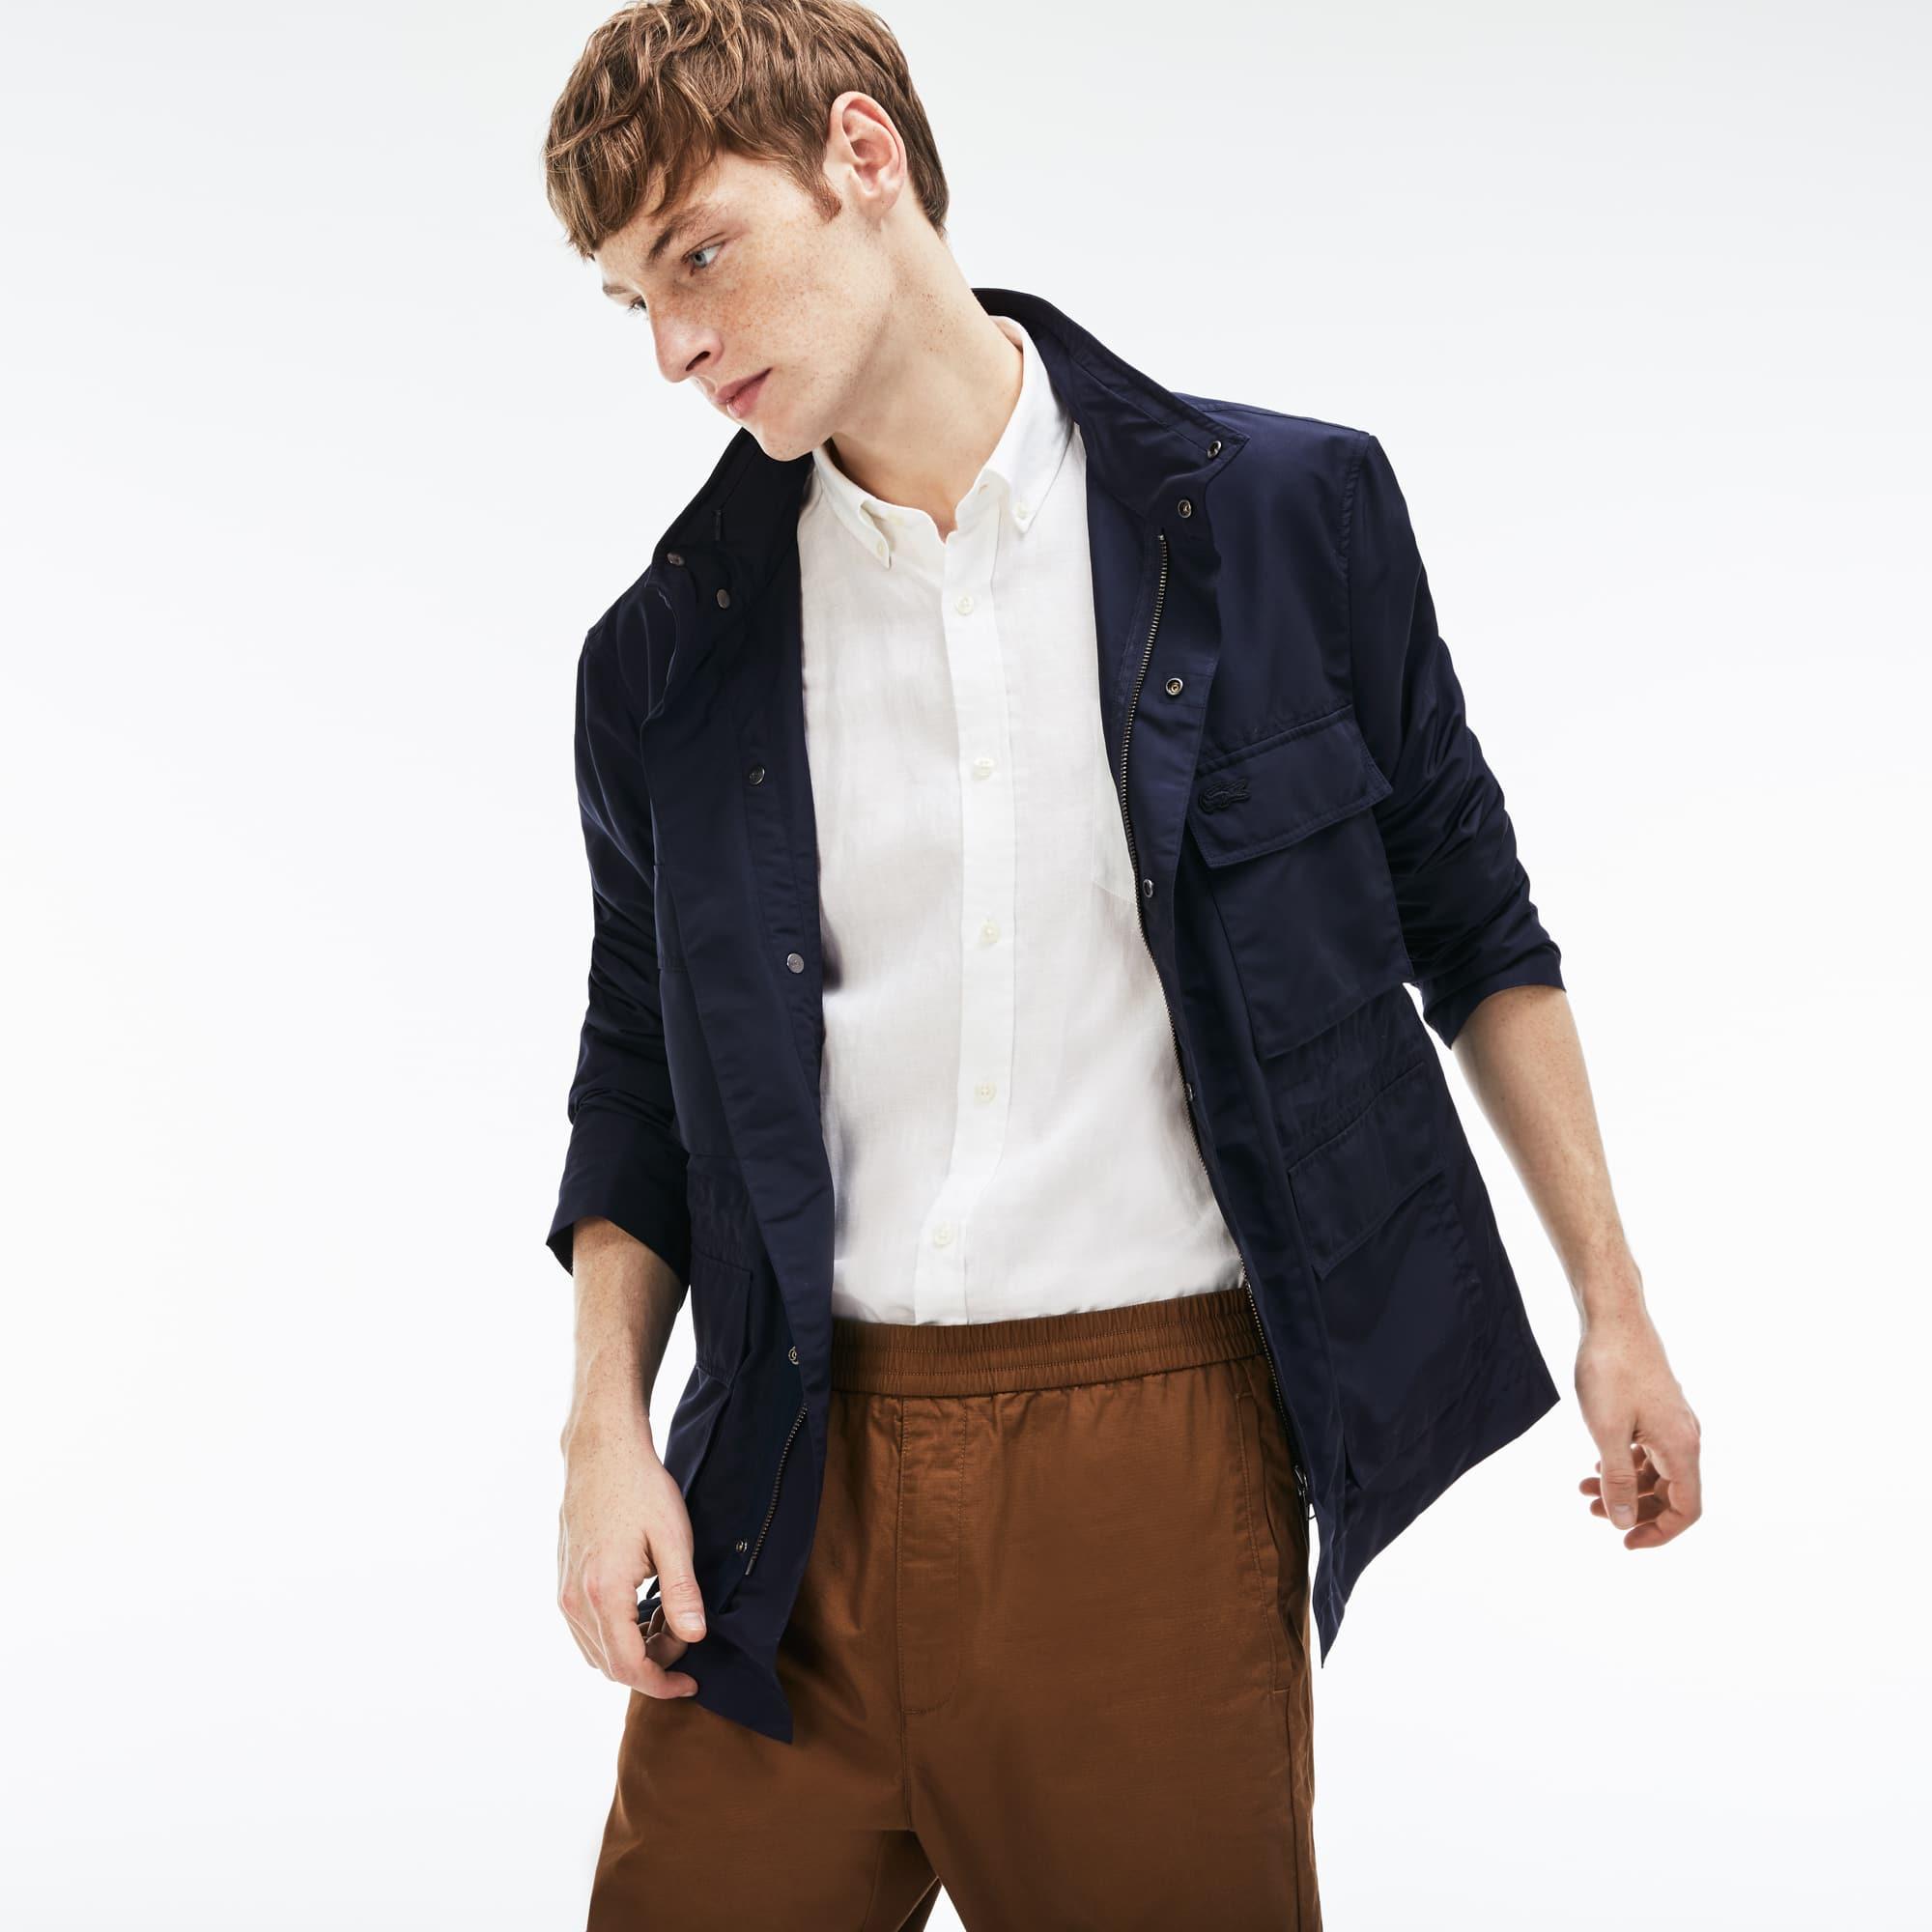 Herren-Jacke aus Taft mit verstecktem Verschluss und Stehkragen